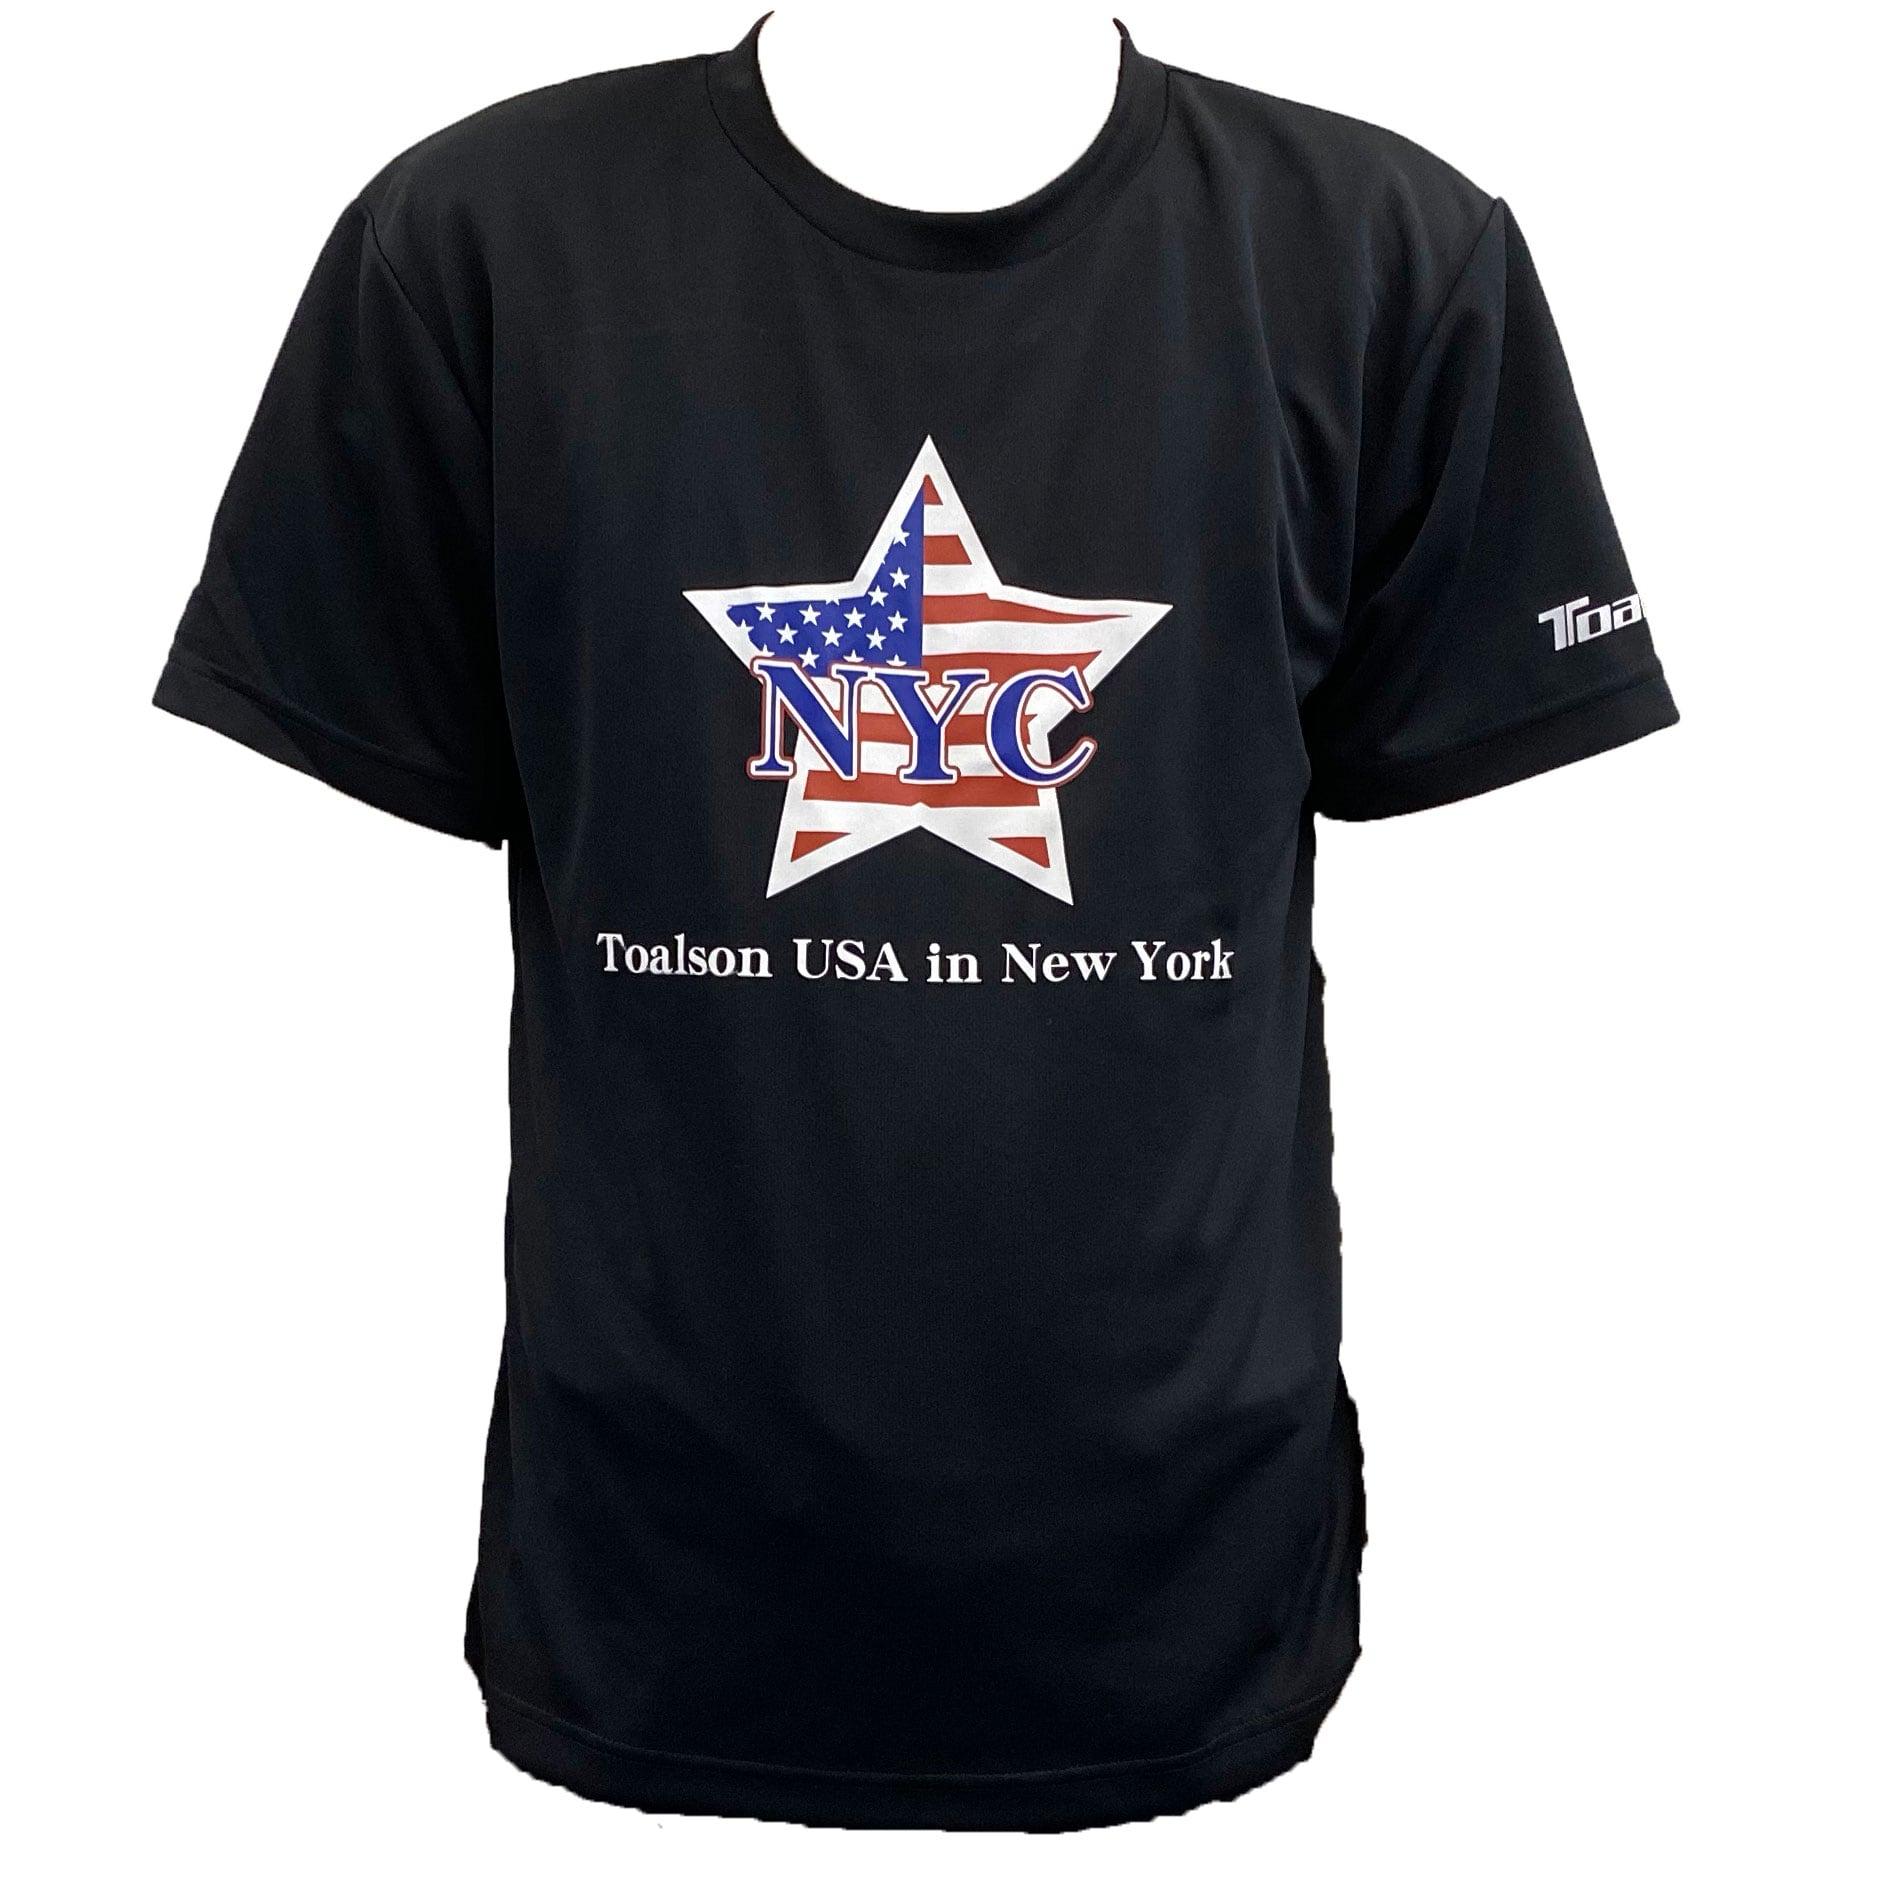 NYCTシャツ(ブラック)【1ET1912】